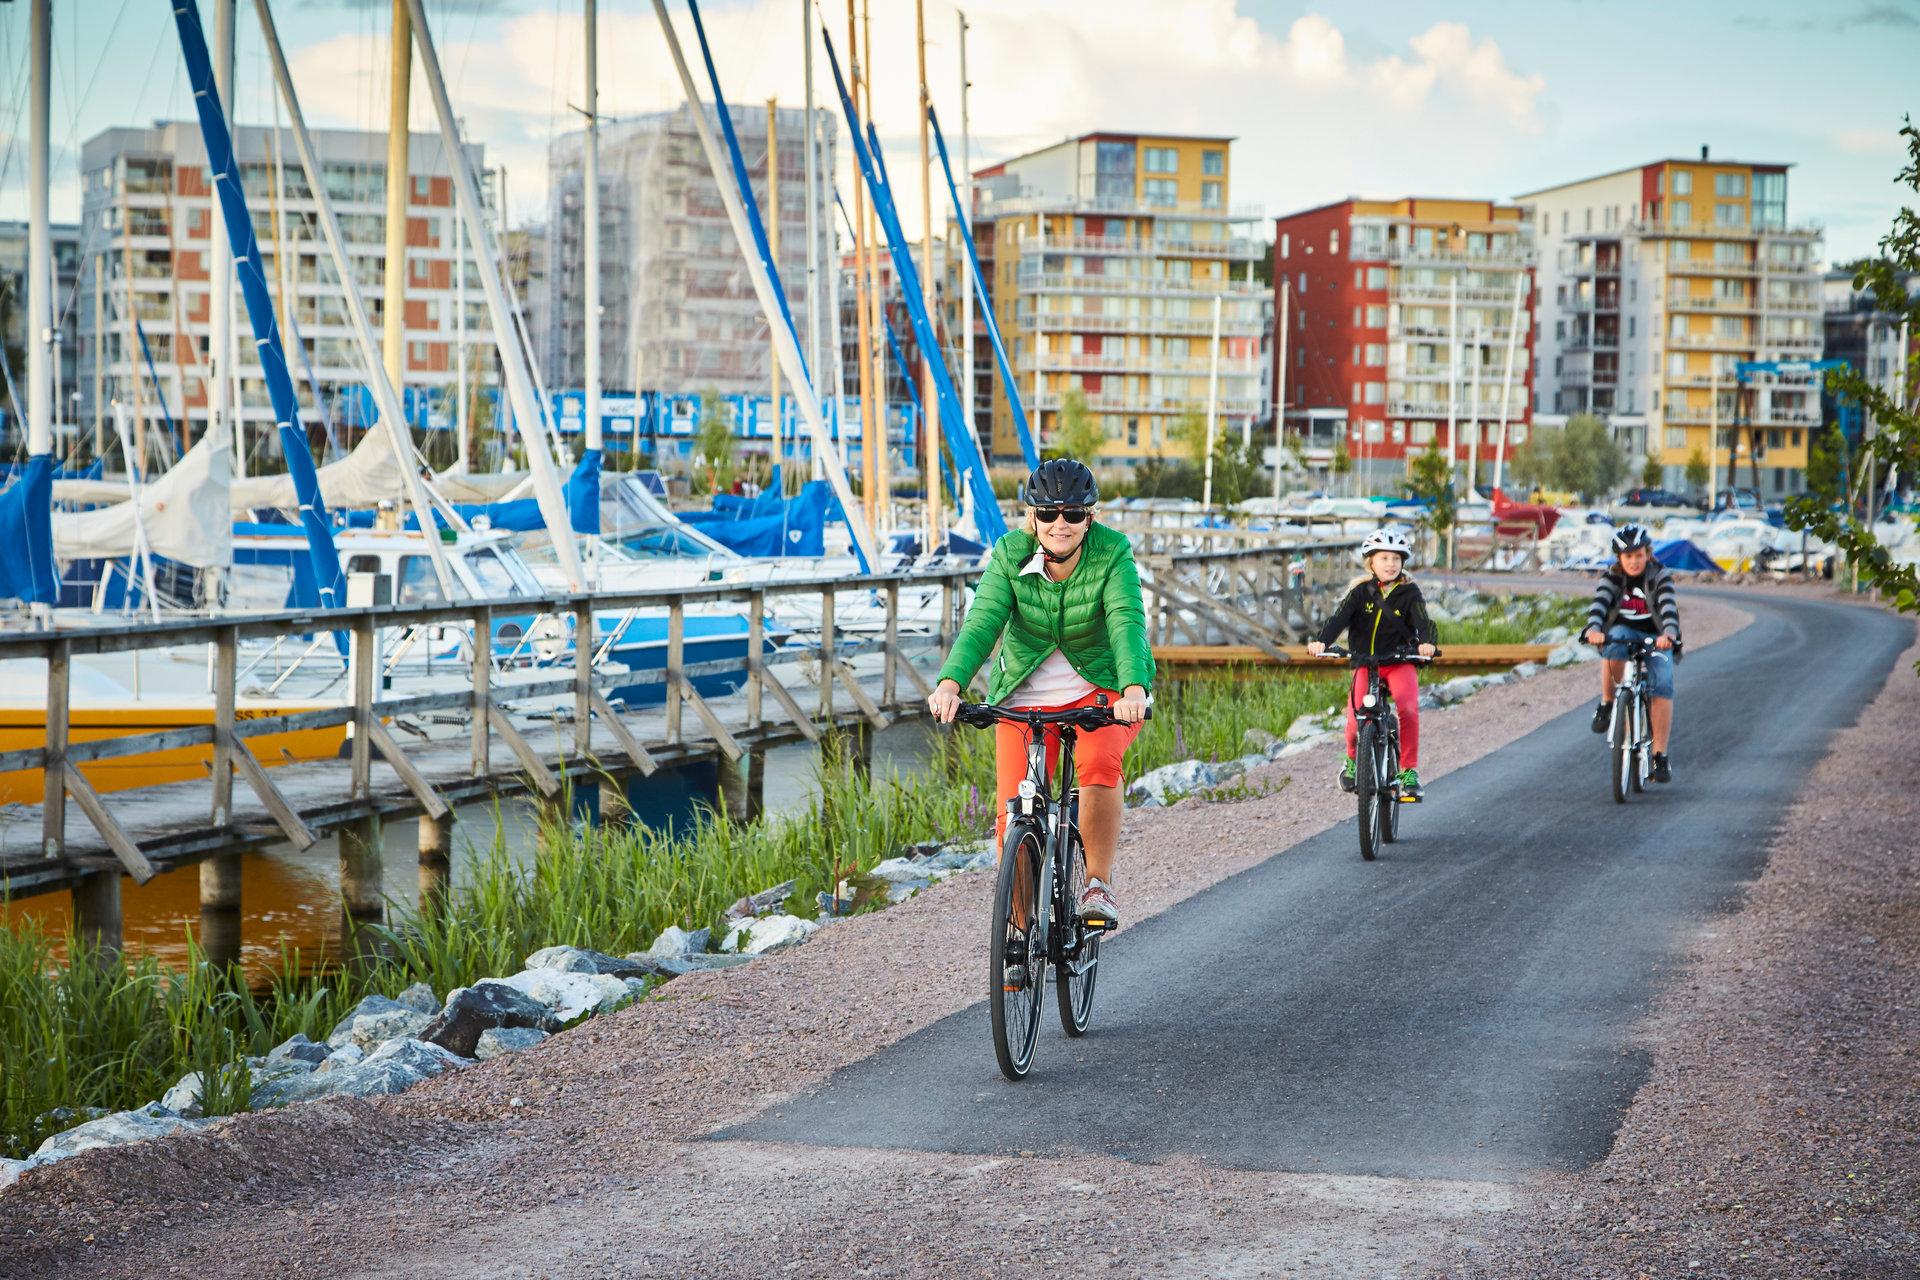 Människor som cyklar vis Öster Mälarstrand. Fotograf: Pia Nordlander